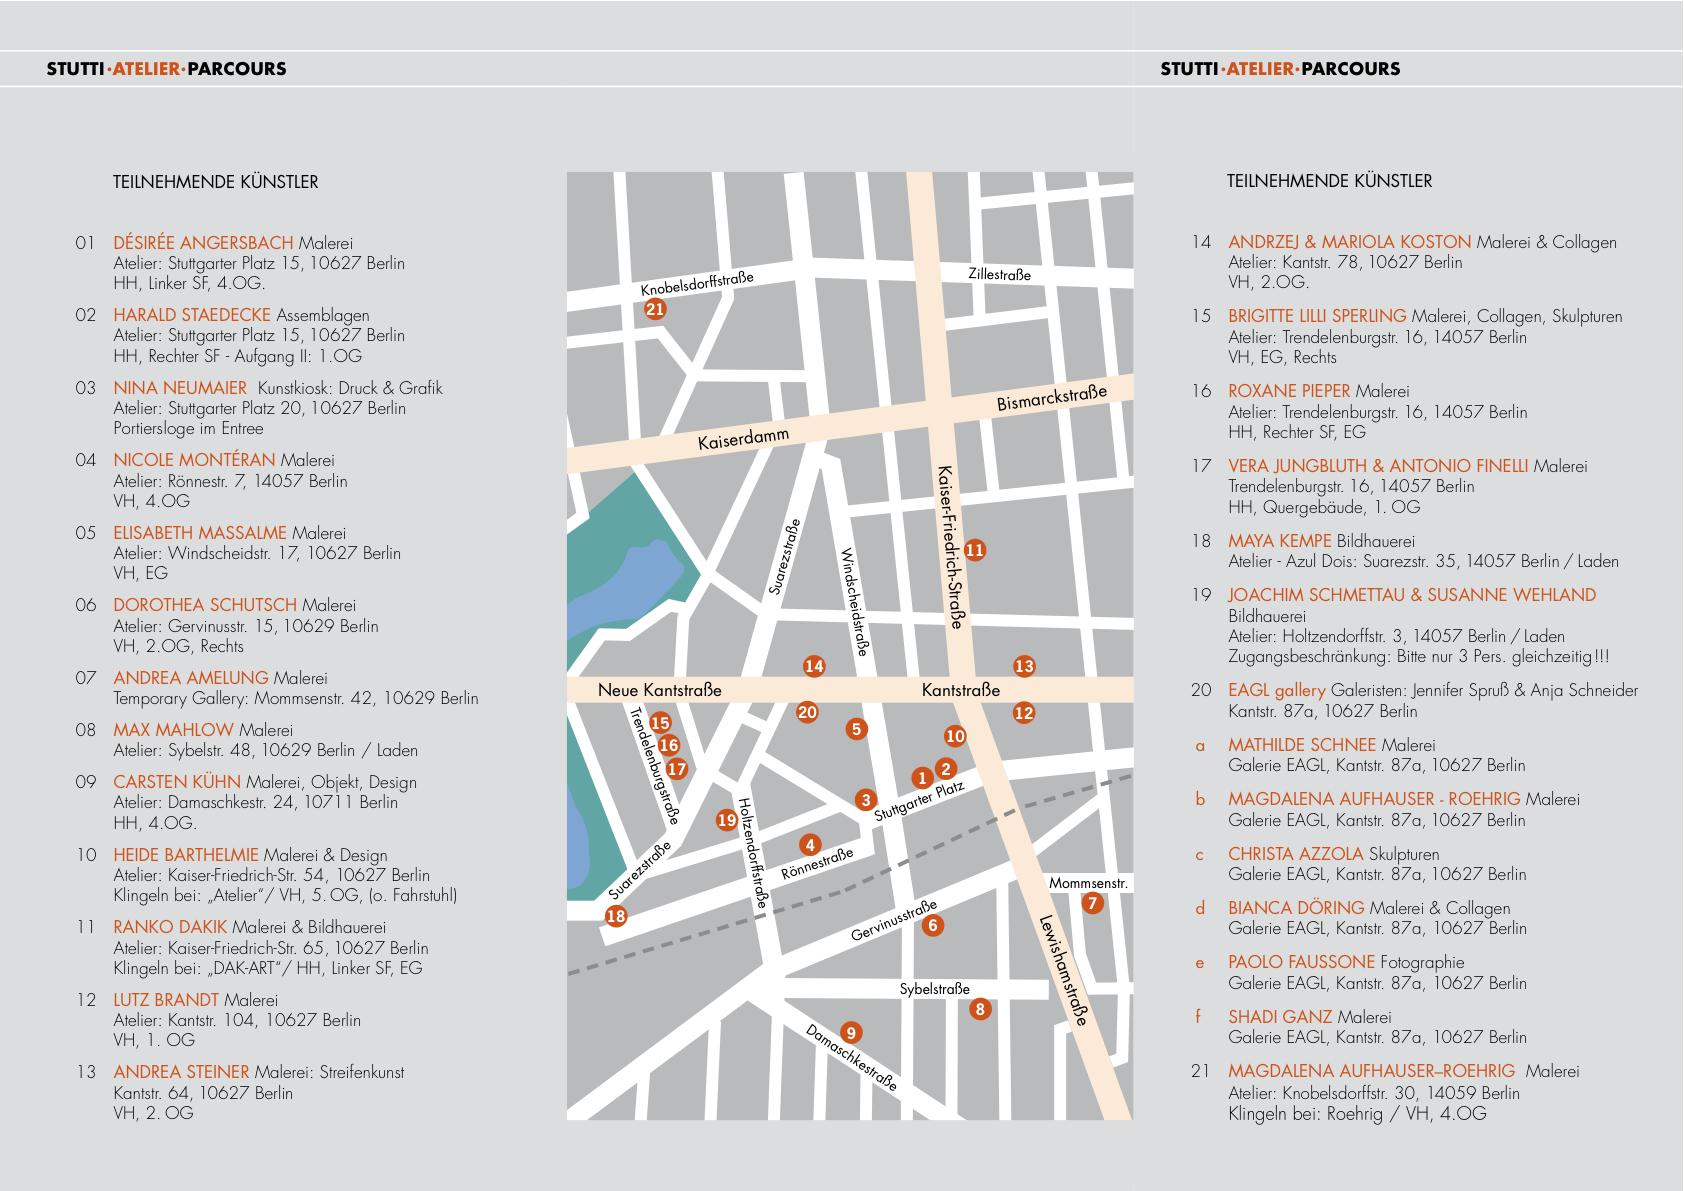 Berlin-News.NET - Berlin Infos & Berlin Tipps | Stutti Atelier Parcours 2011